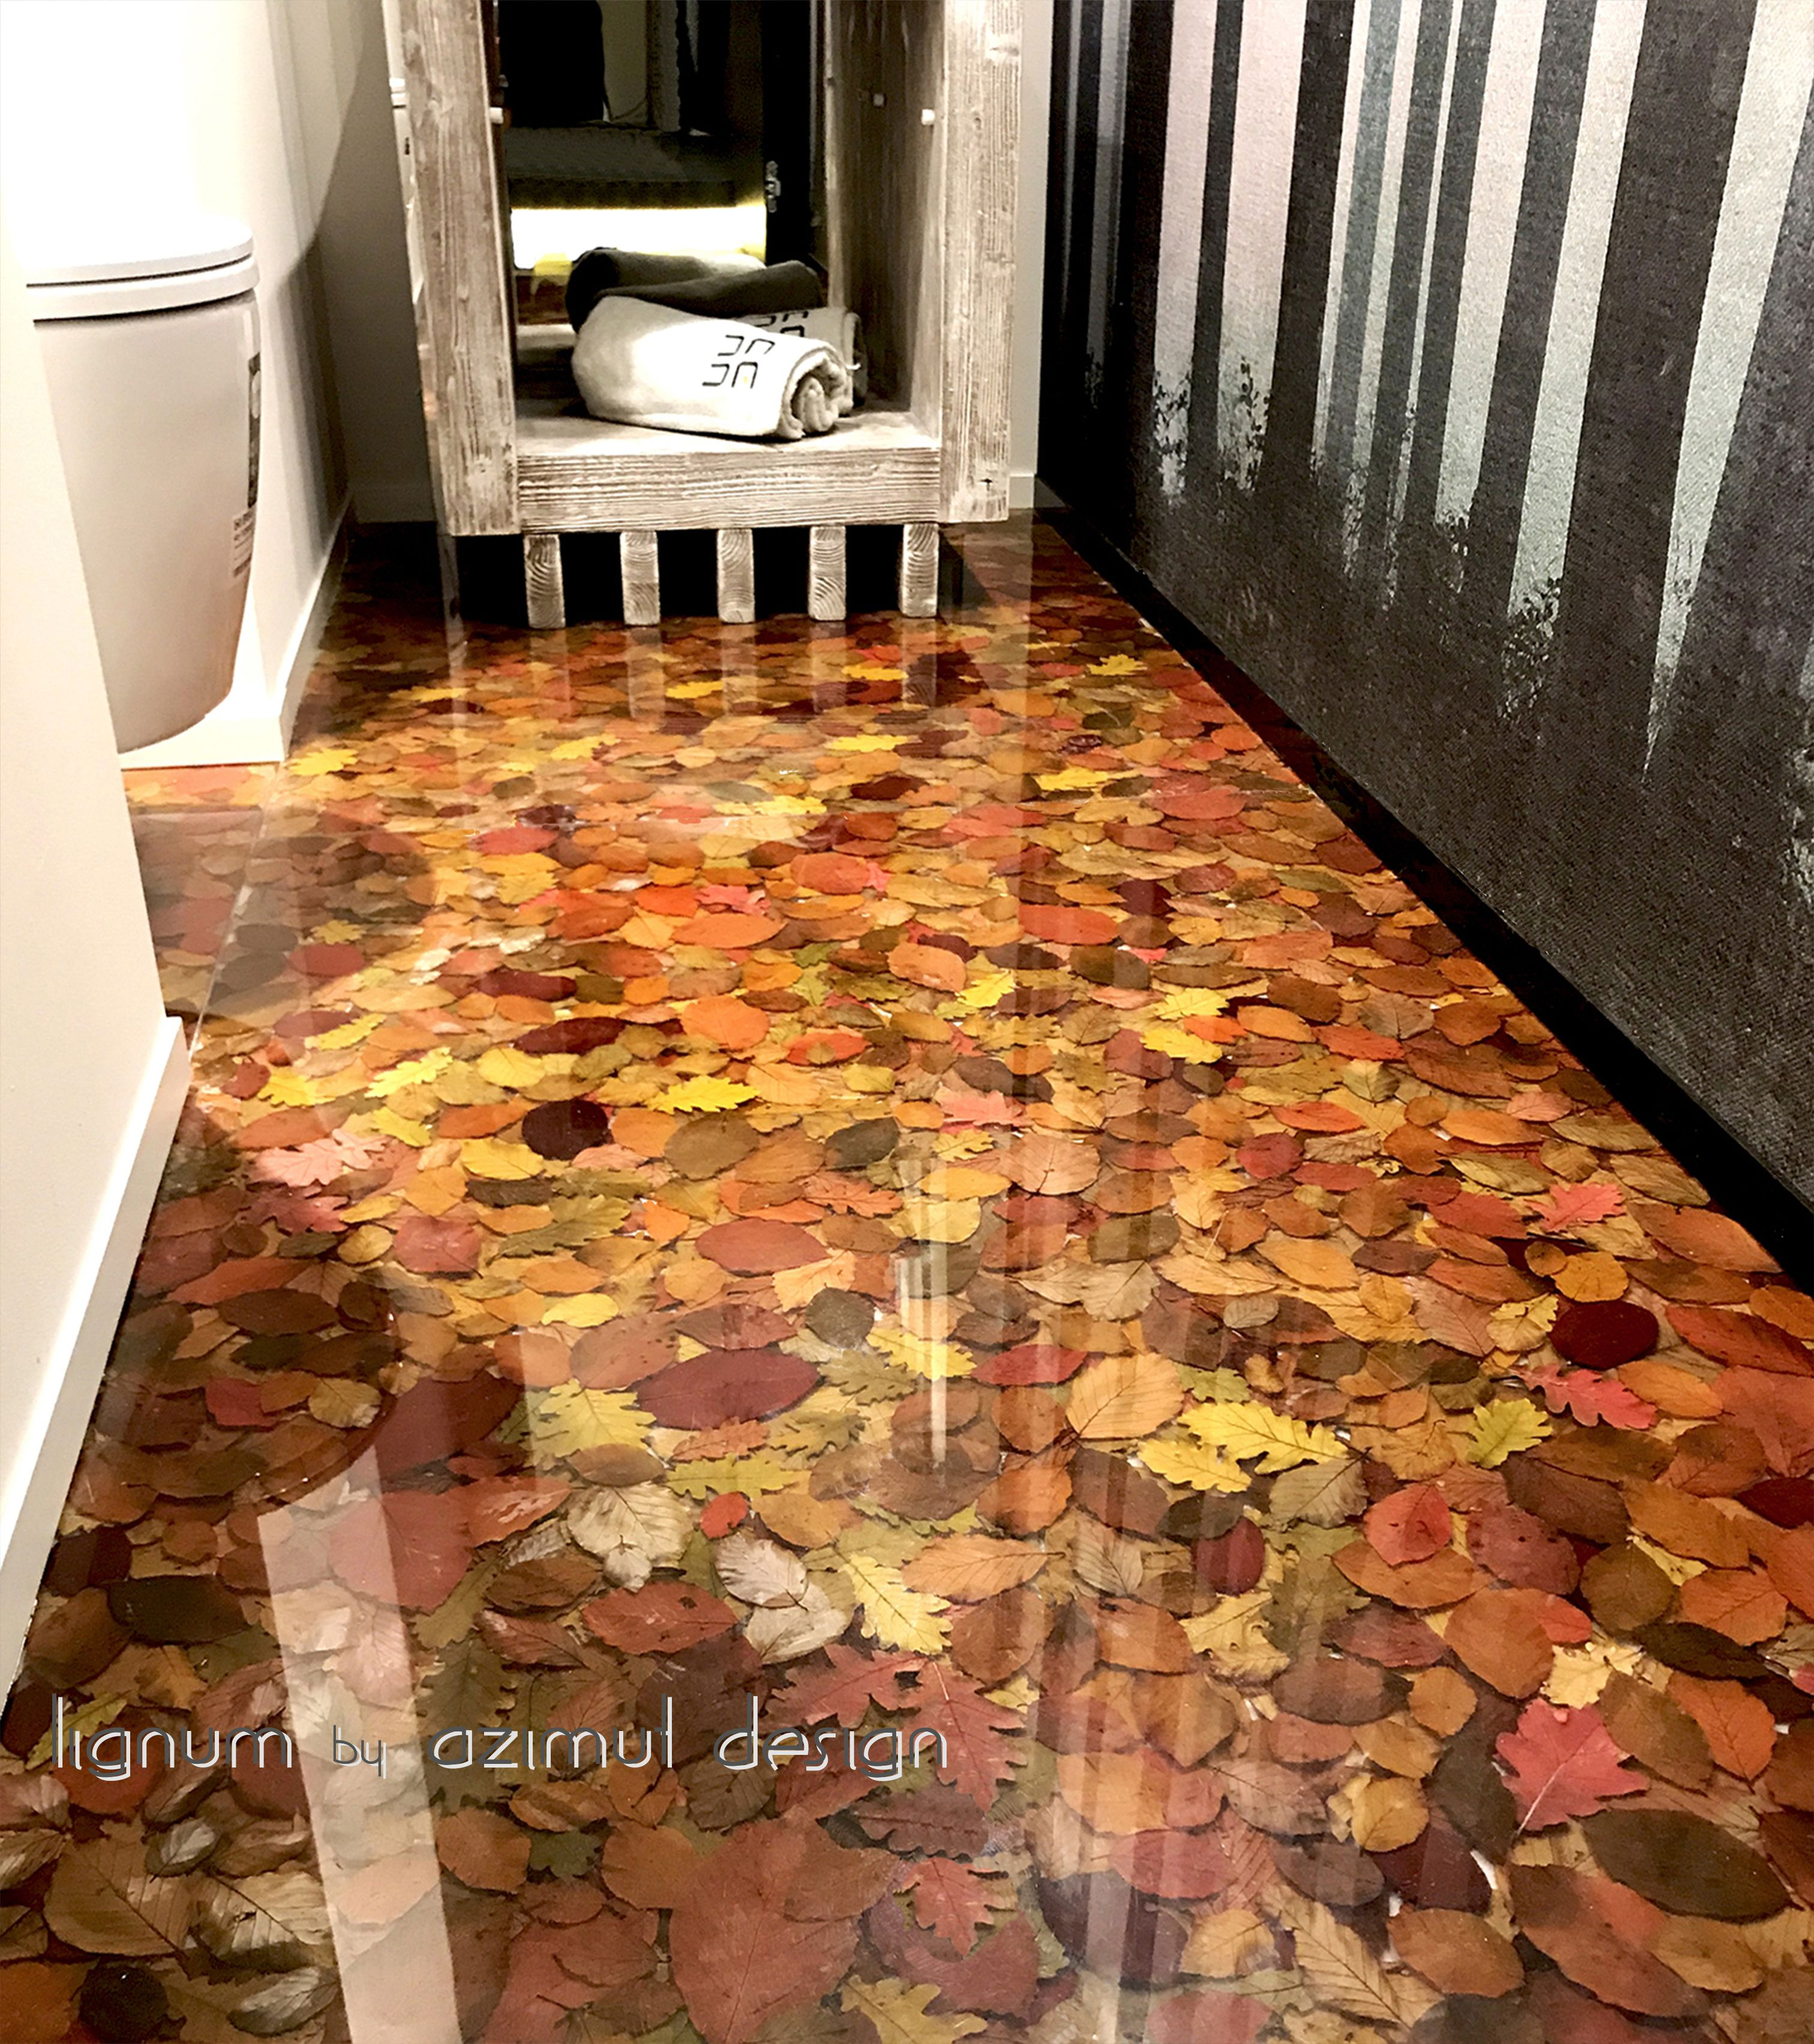 Elementi di design per arredo interni in resina soluzioni personalizzate tavoli di design - Pavimenti bagno in resina ...